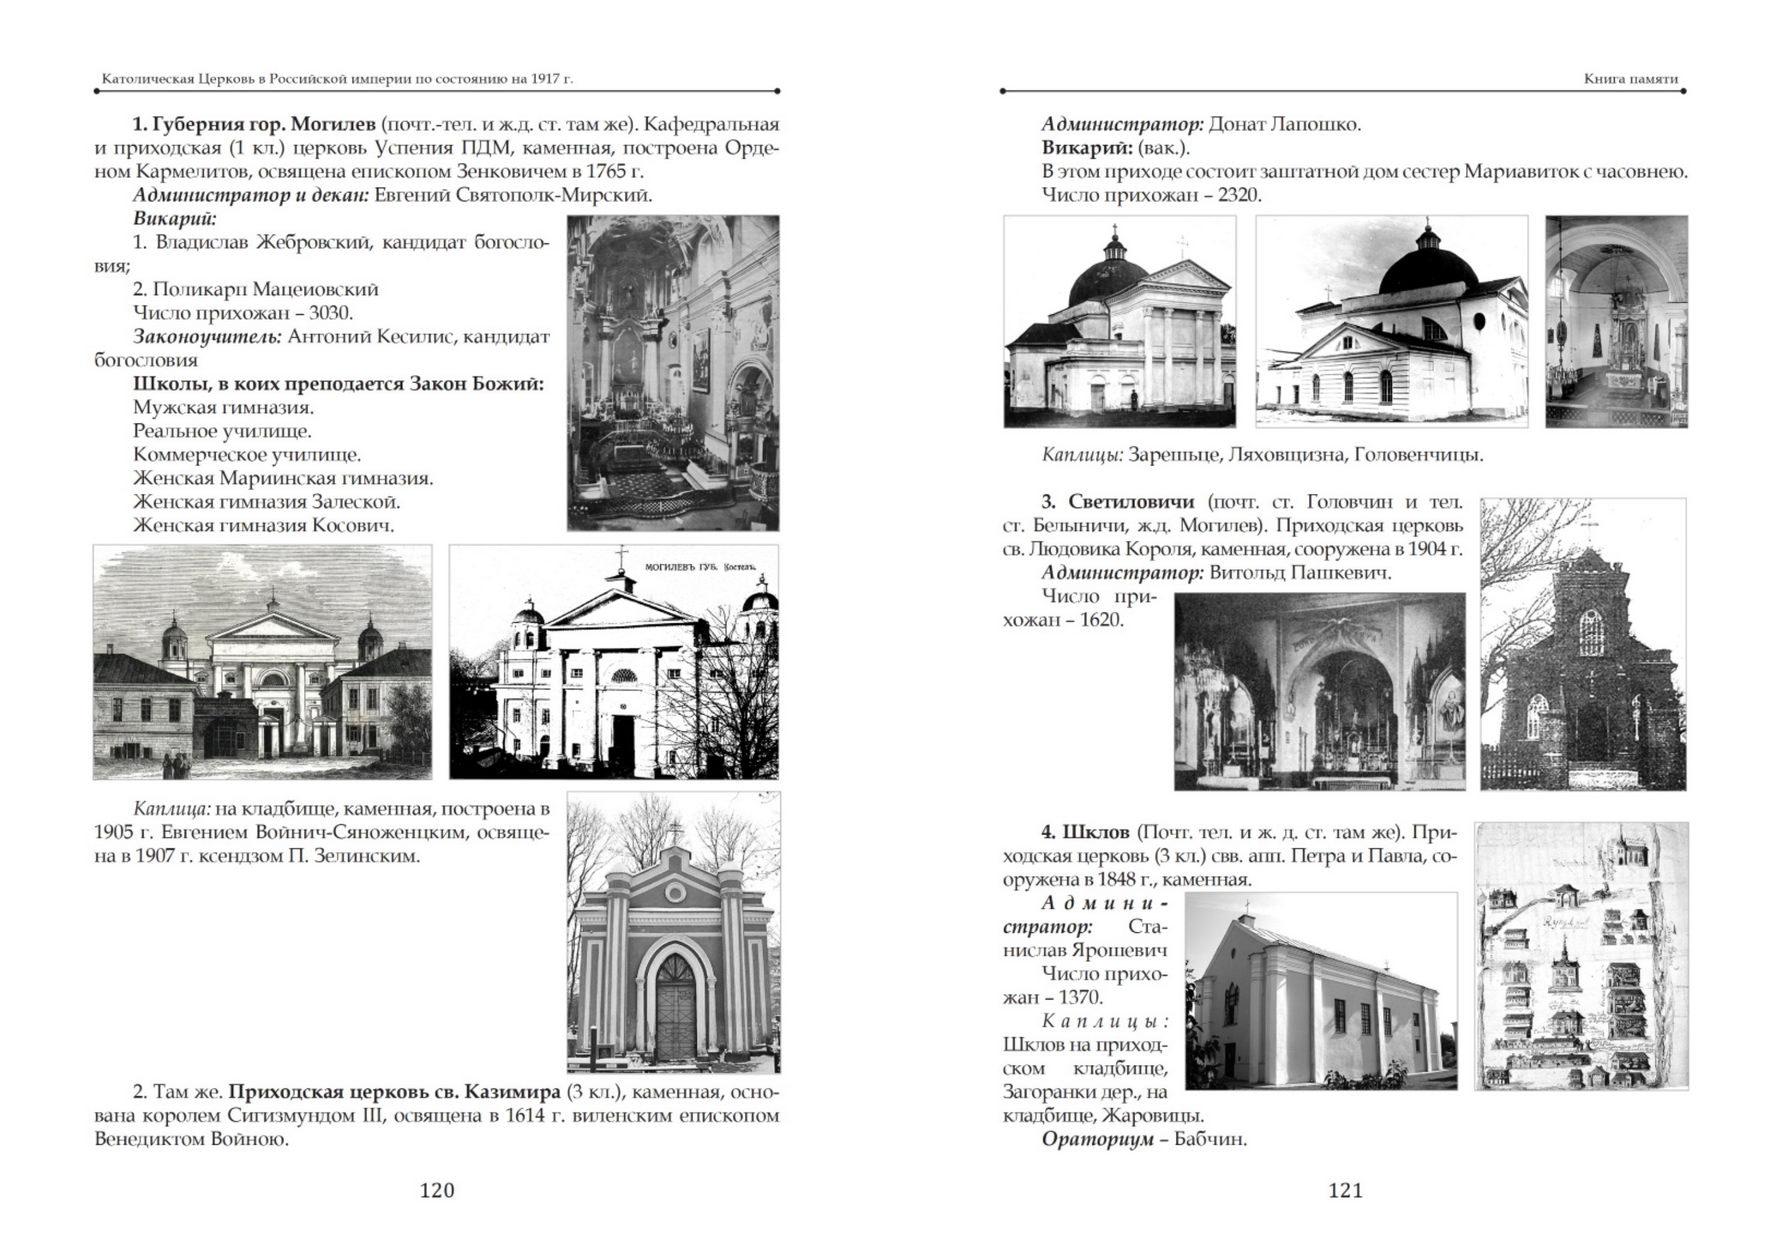 Издана книга, посвященная Католической Церкви в России накануне революции 1917 года и в Советский период 4